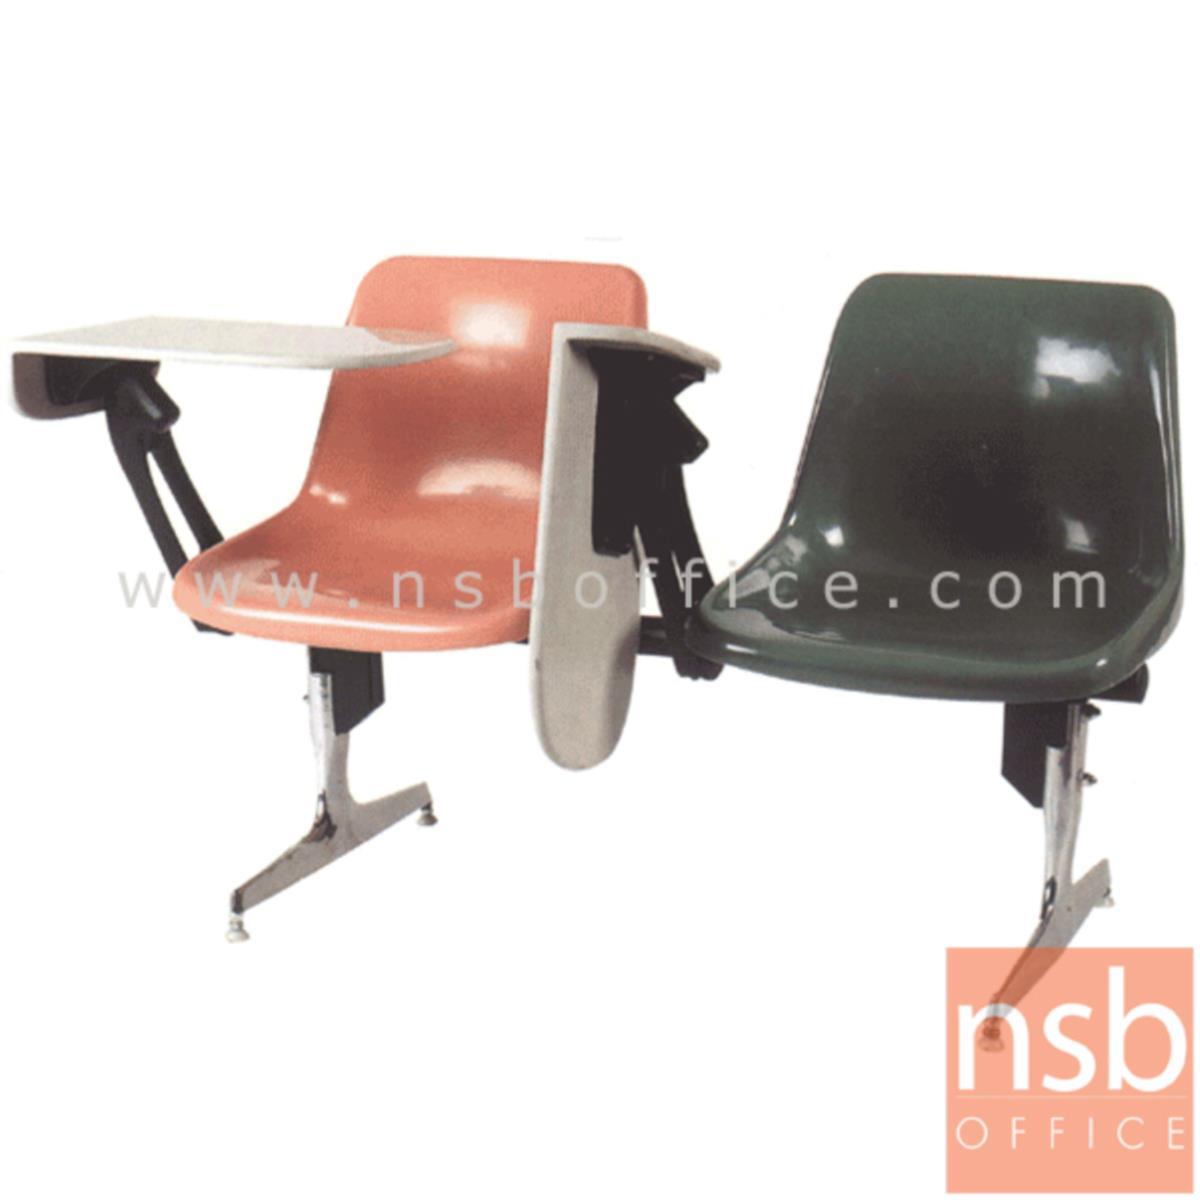 เก้าอี้เลคเชอร์แถวเฟรมโพลี่ รุ่น D390 2 ,3 และ 4 ที่นั่งขาอลูมิเนียมขัดเงา